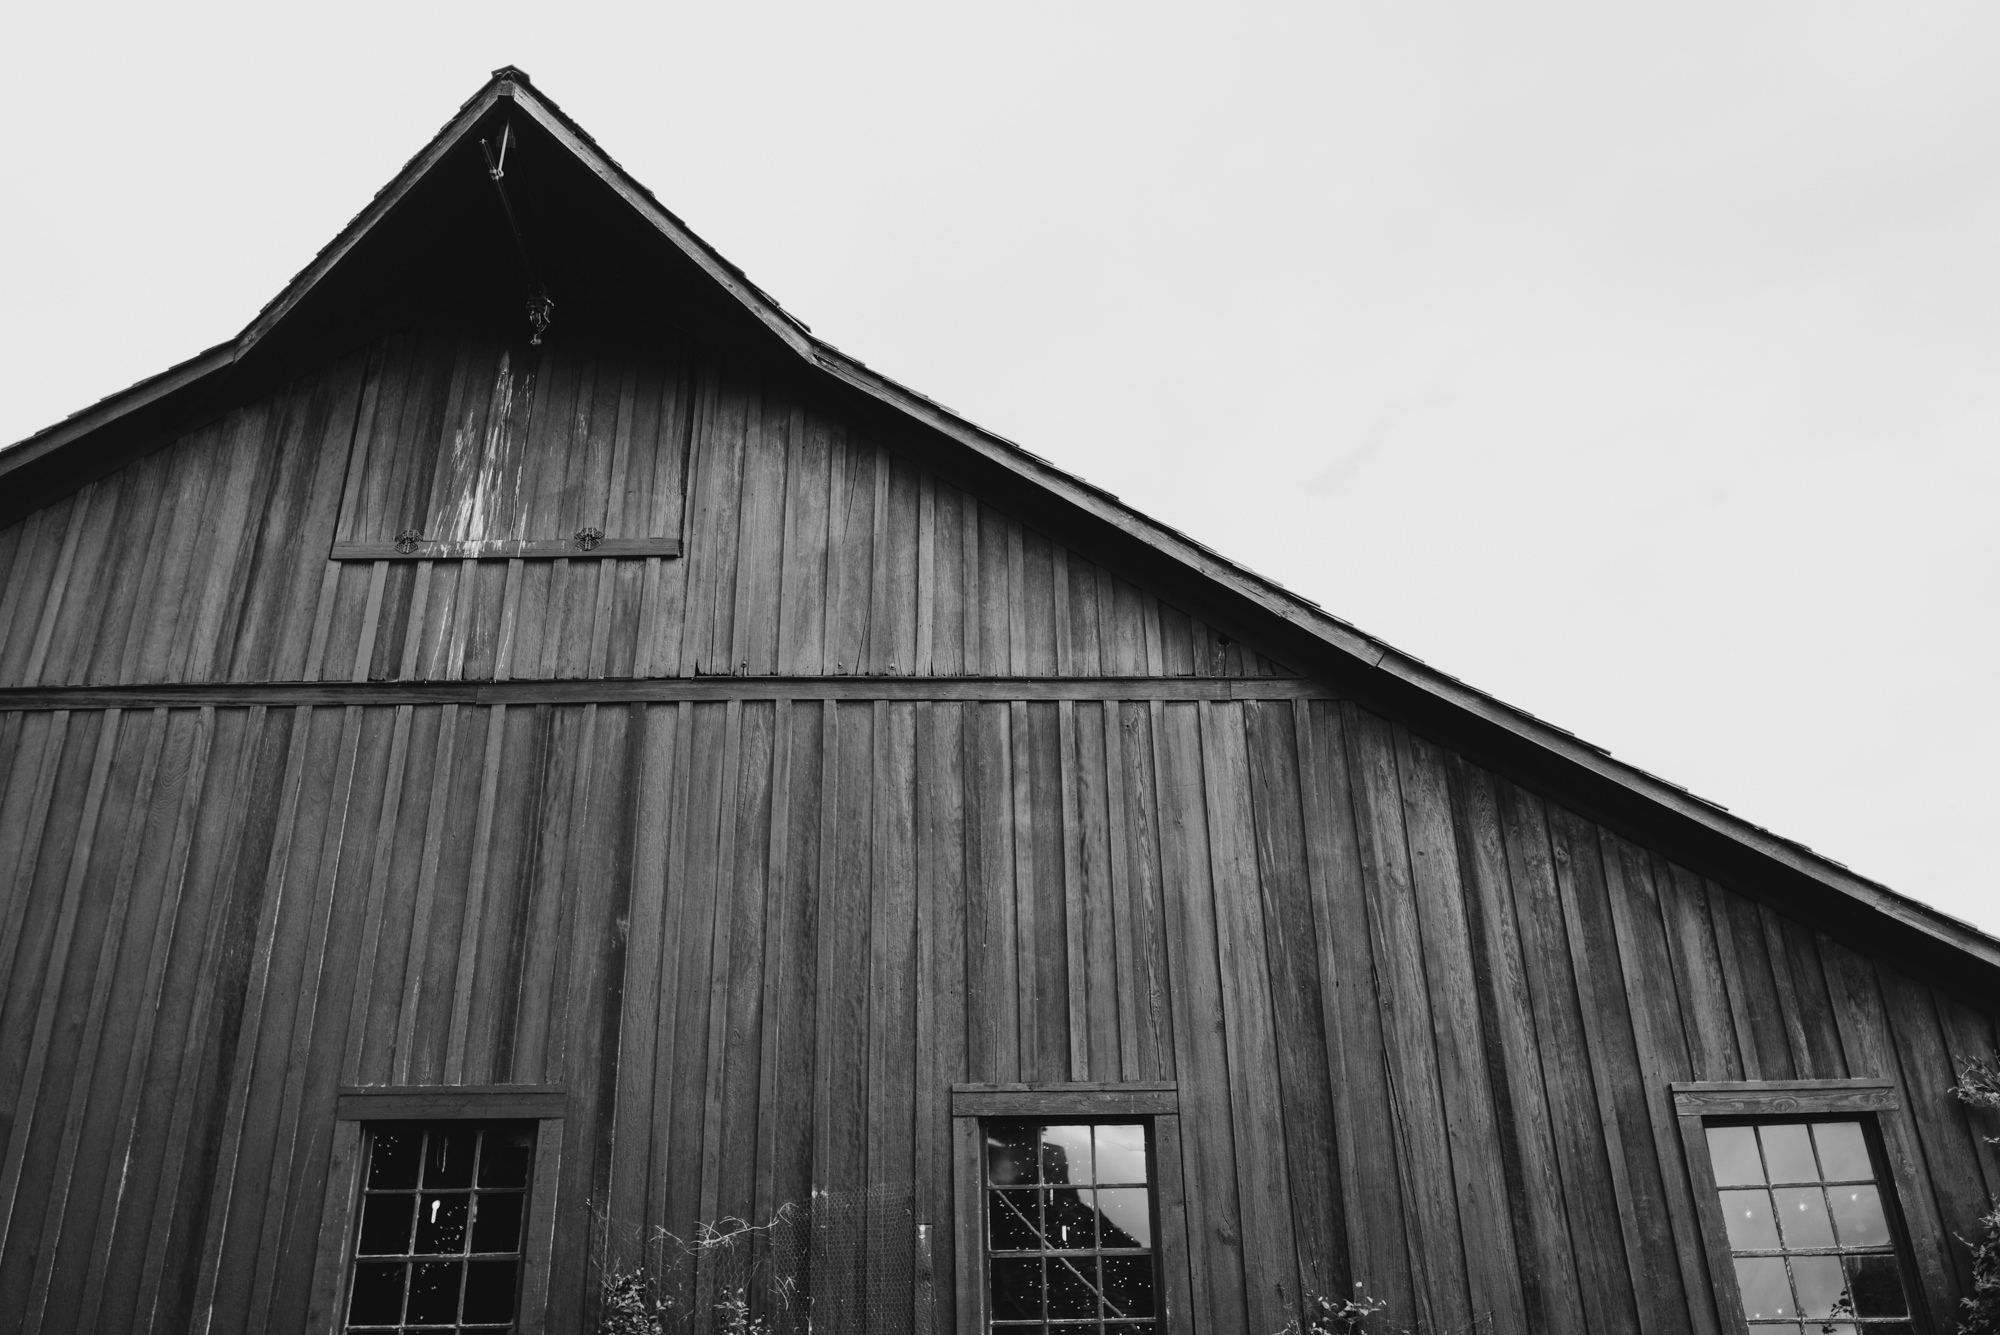 100-barn-kestrel-reception-portland-northwest.jpg